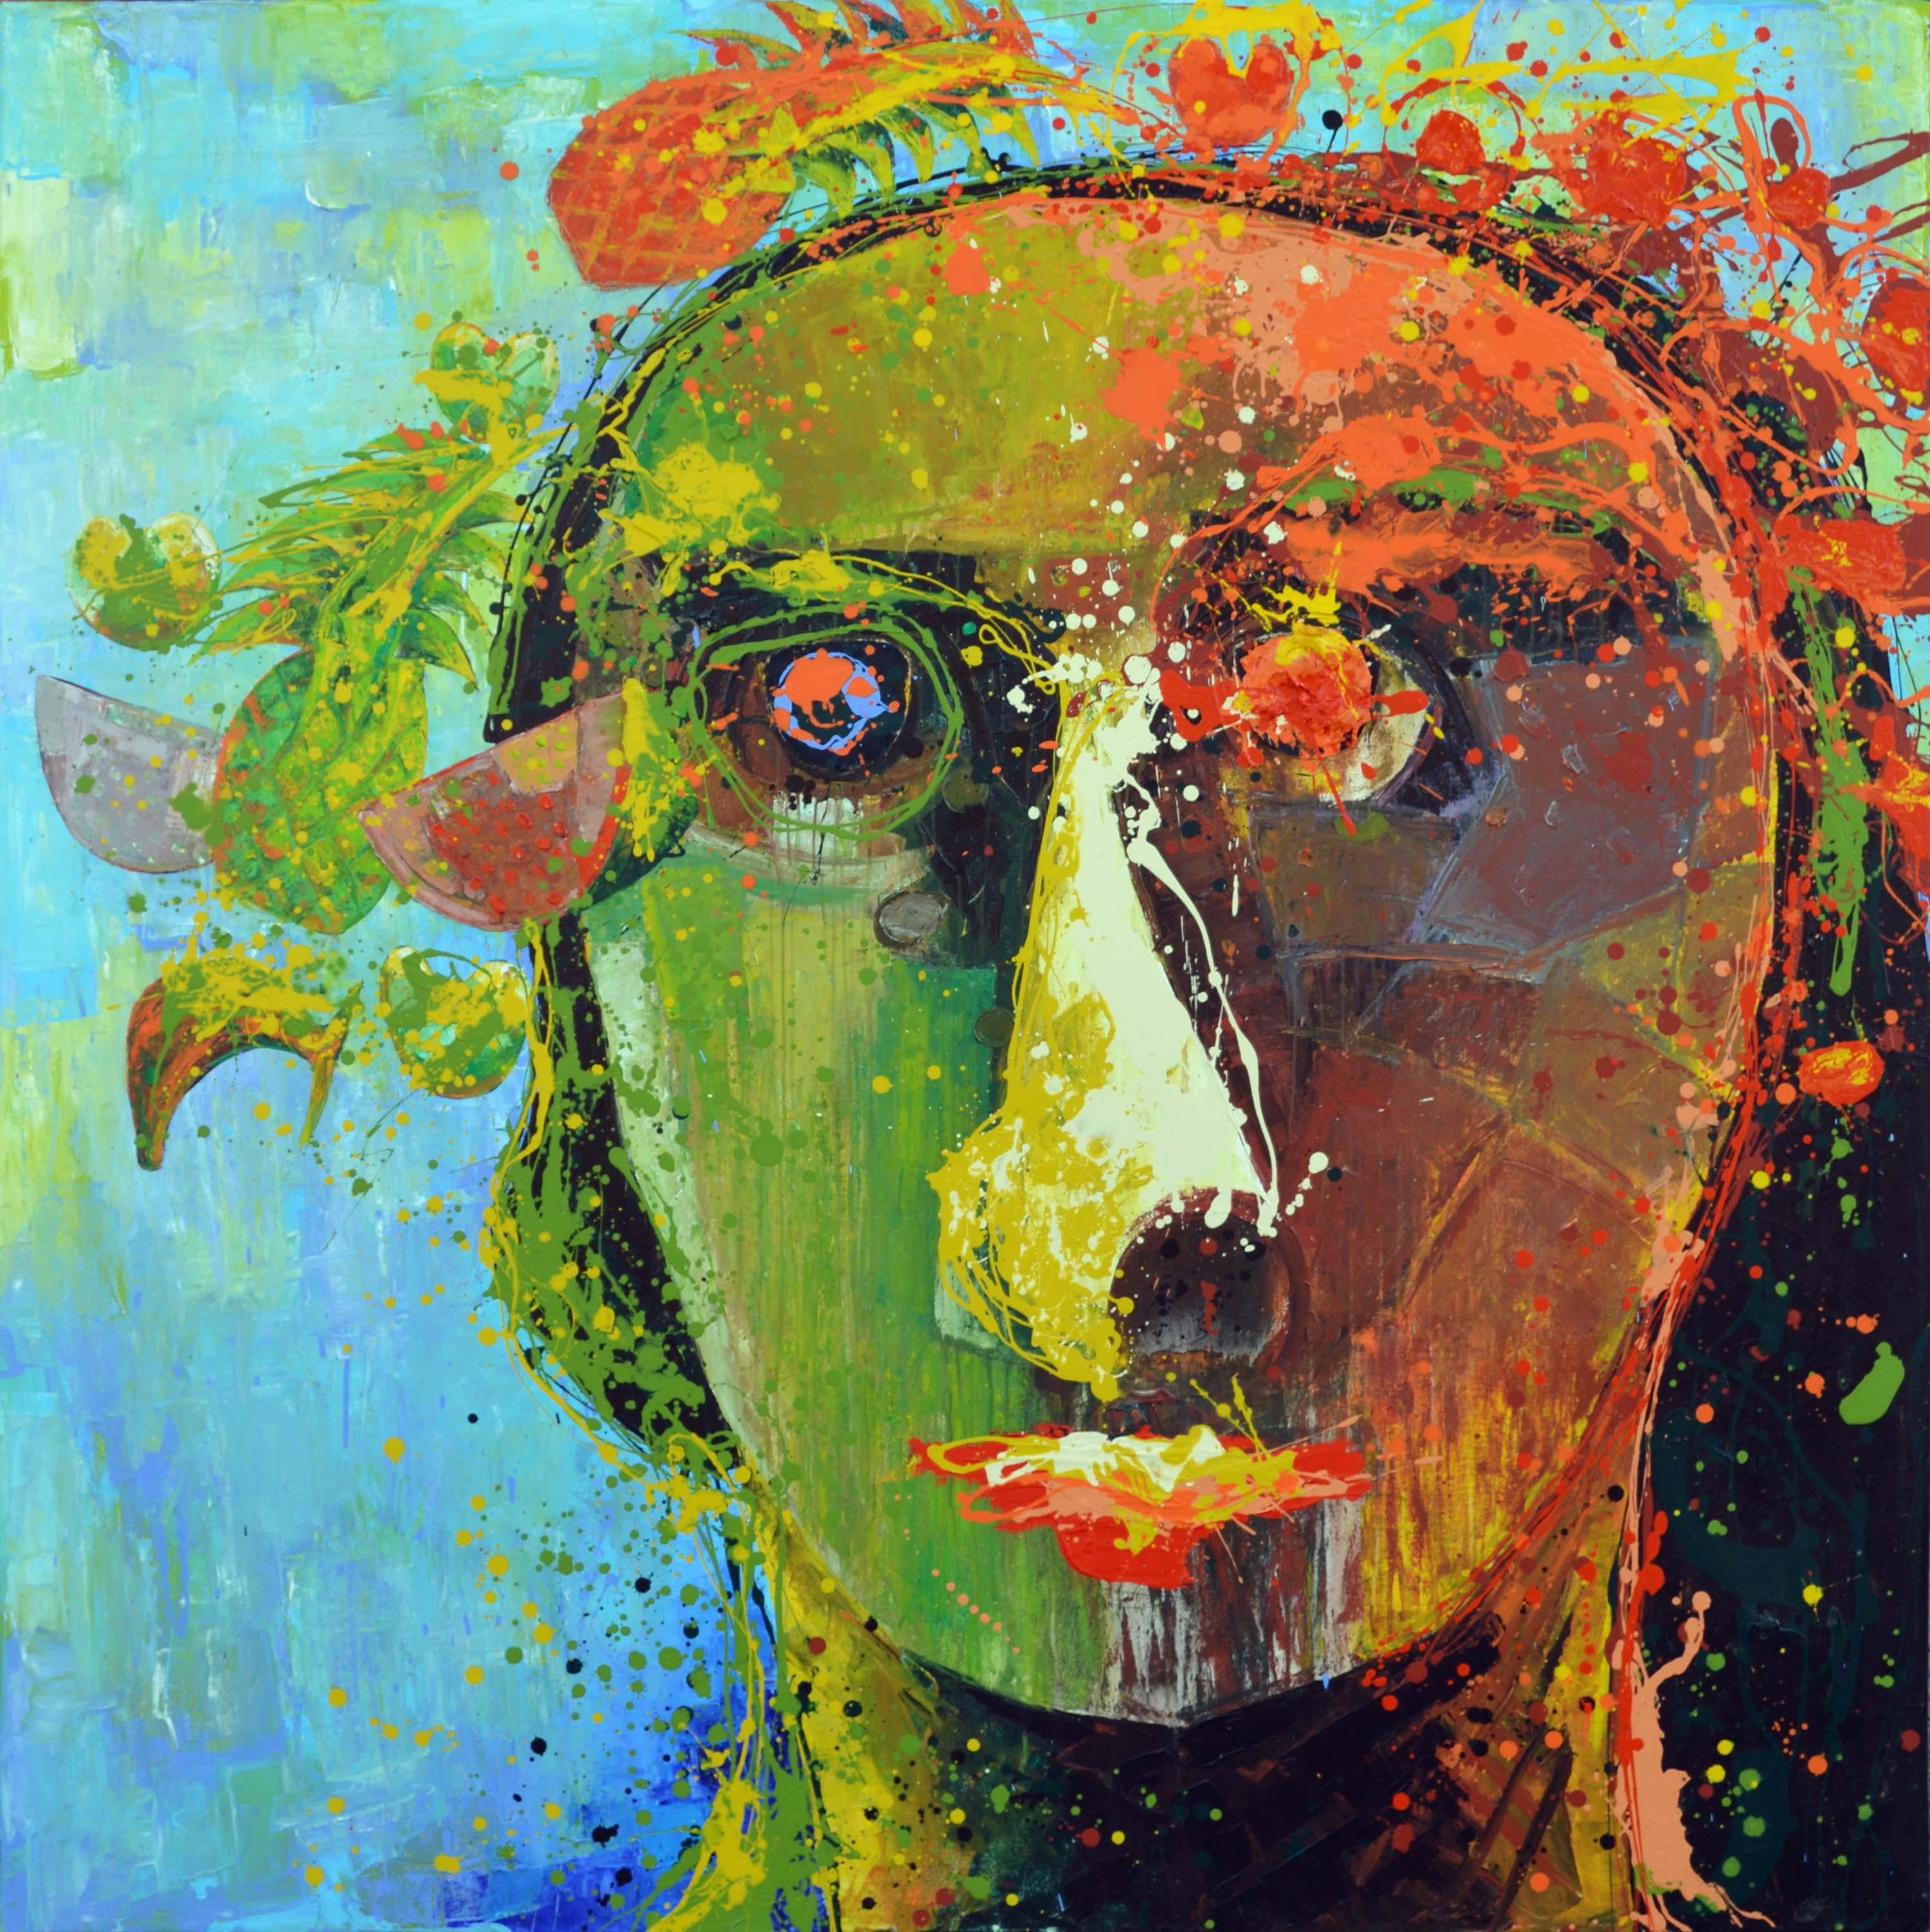 CABEZA CON FRUTAS by Mr. VLADIMIR CORA - Masterpiece Online